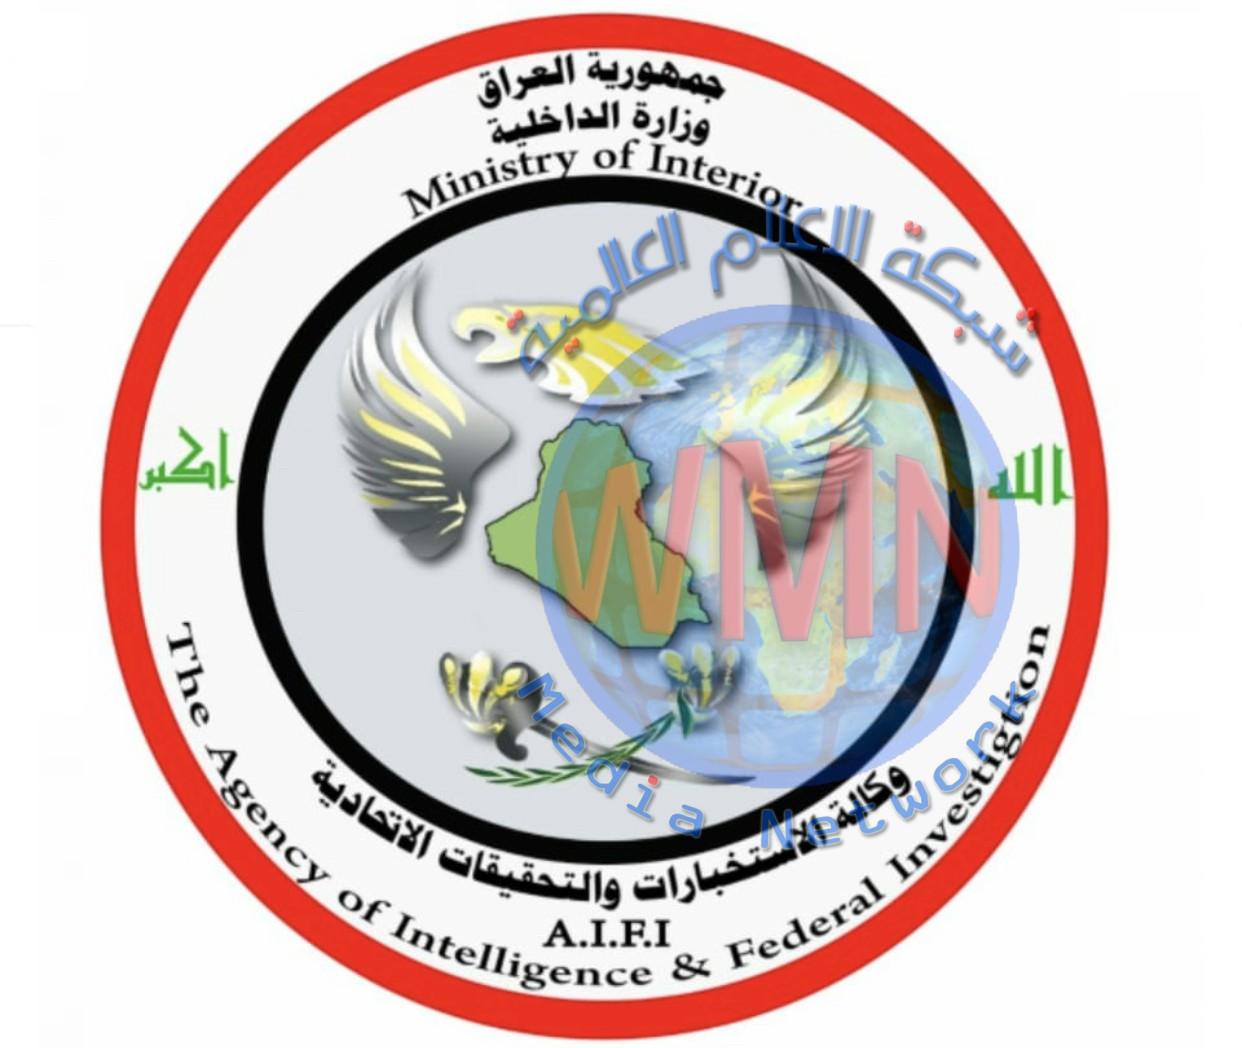 وكالة الاستخبارات: القبض على مخبر سري وداعم لوجستي وناقل لعوائل عناصر داعش في محافظة كركوك